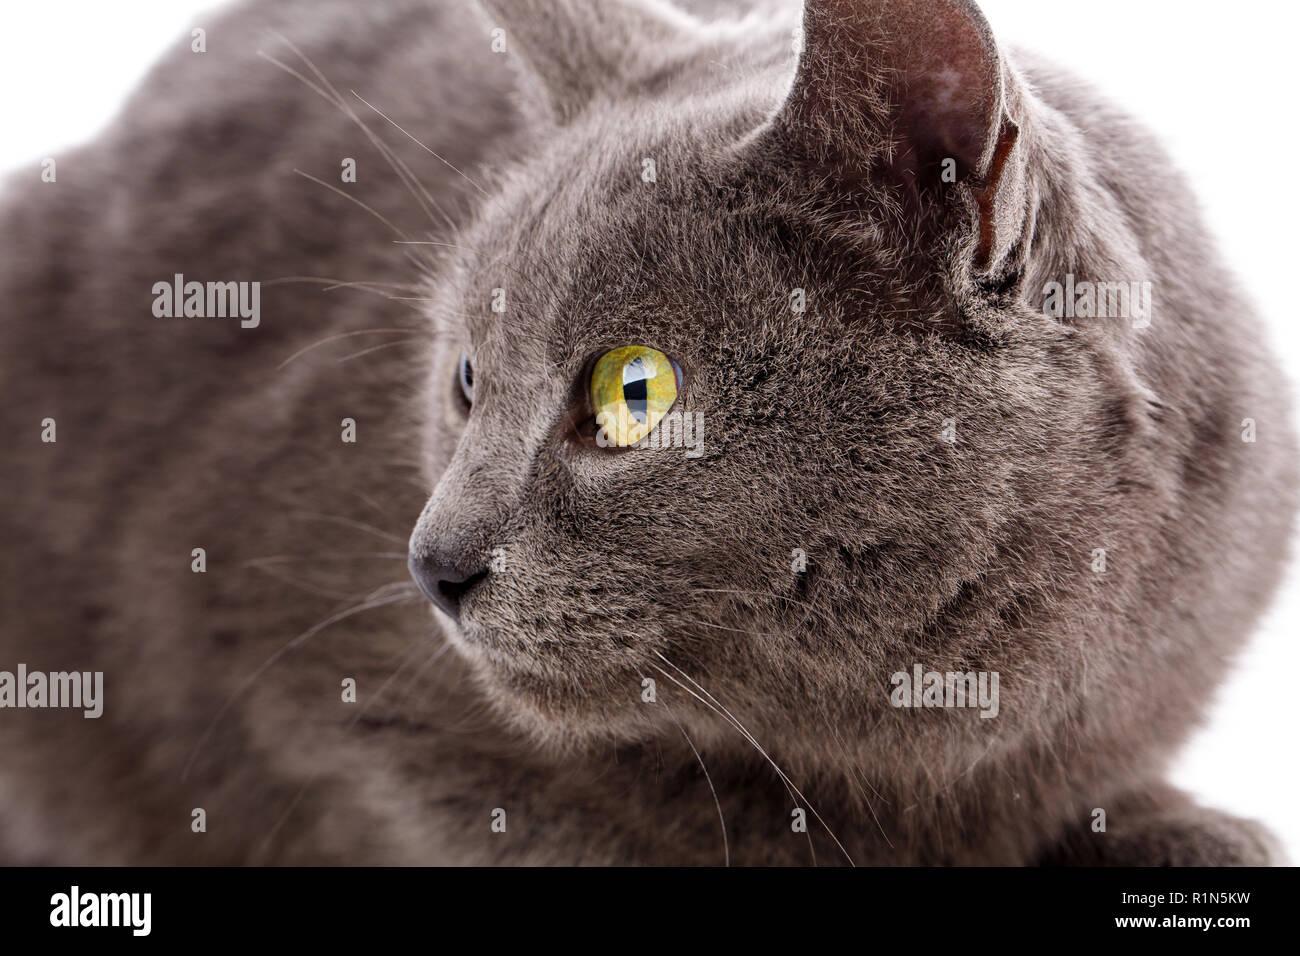 Ritratto di gatto senza razza. Un semplice gatto grigio Immagini Stock